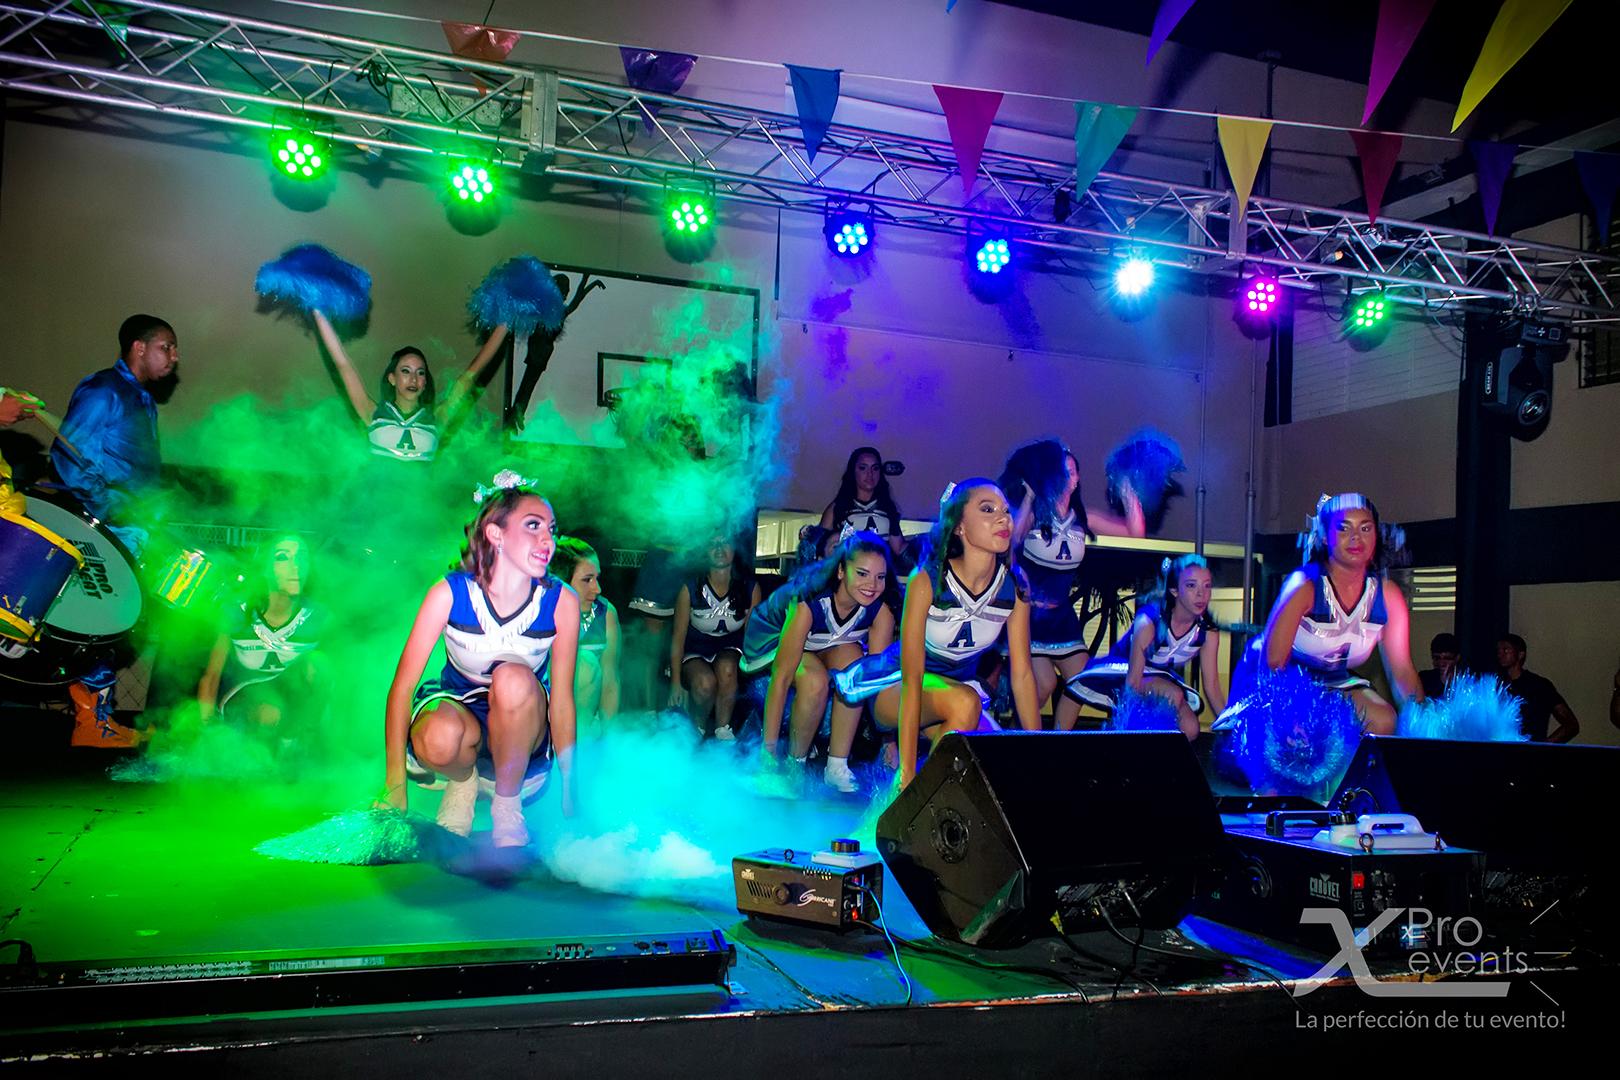 www.Xproevents.com - Servicios para lanzamientos de promociones escolares